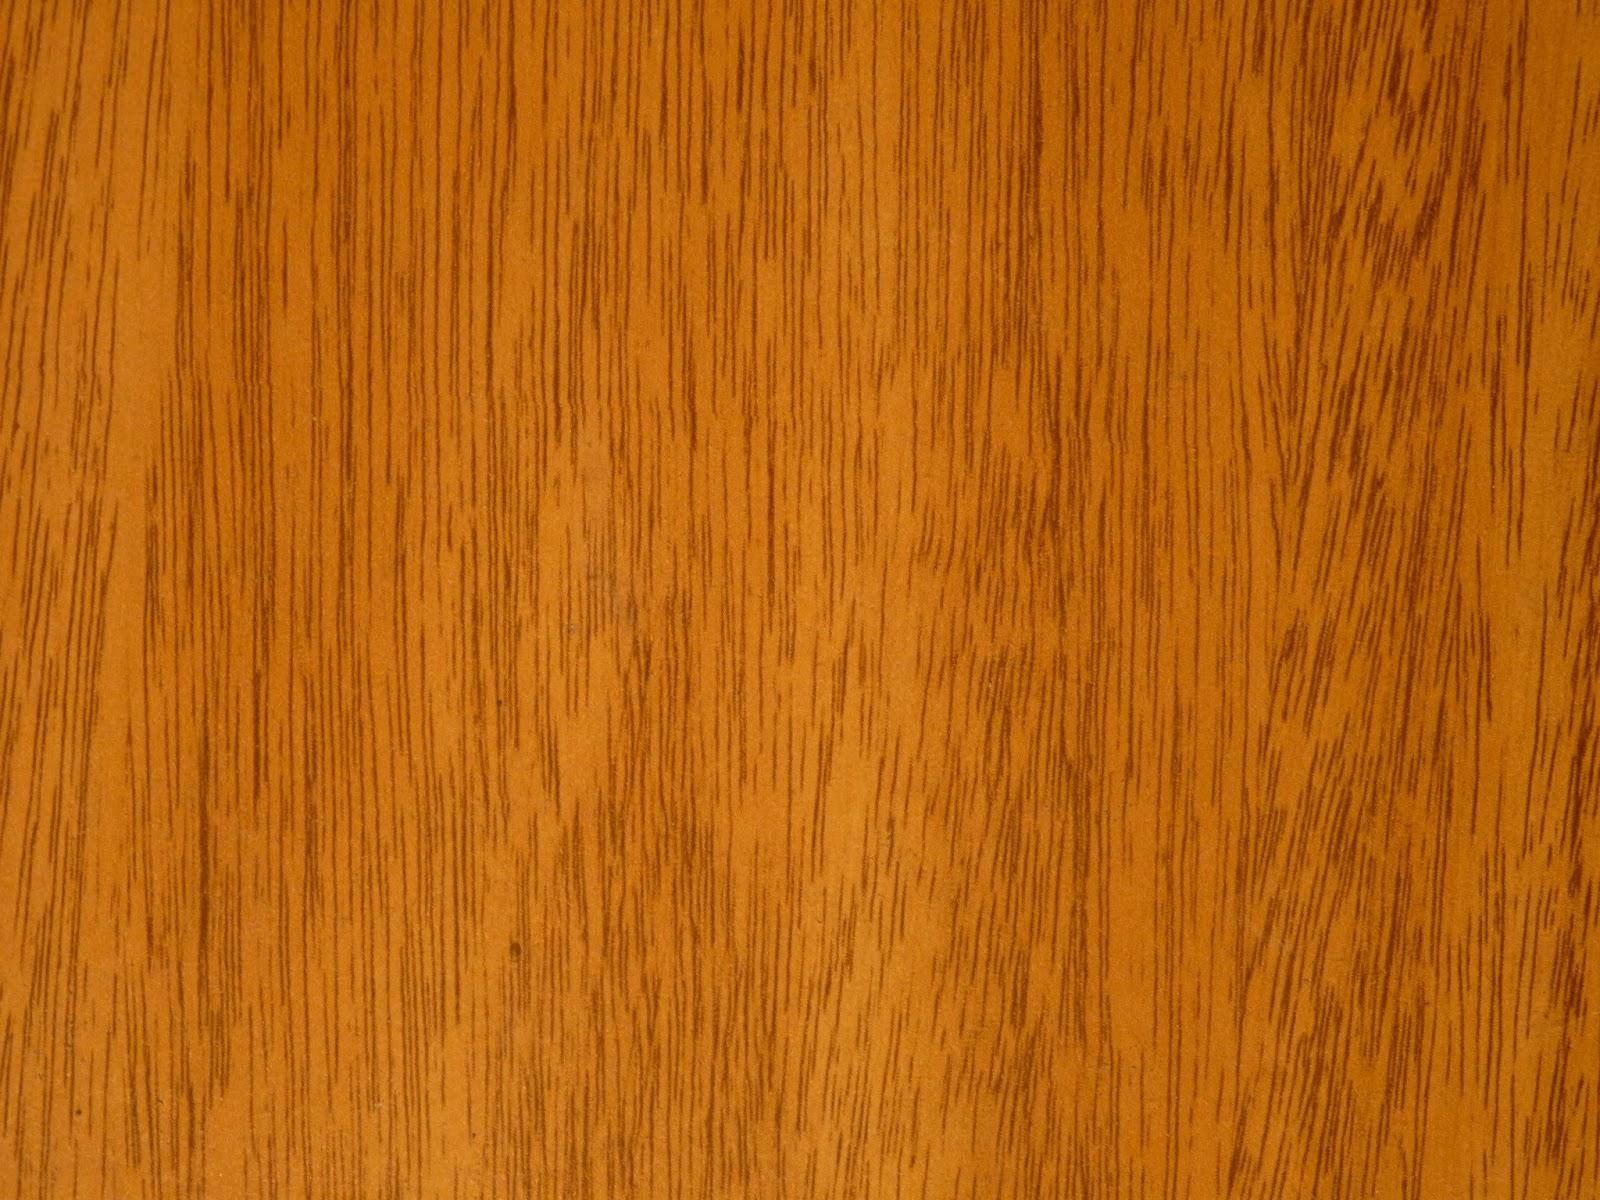 Texturas de madera imagui - Fotos en madera ...